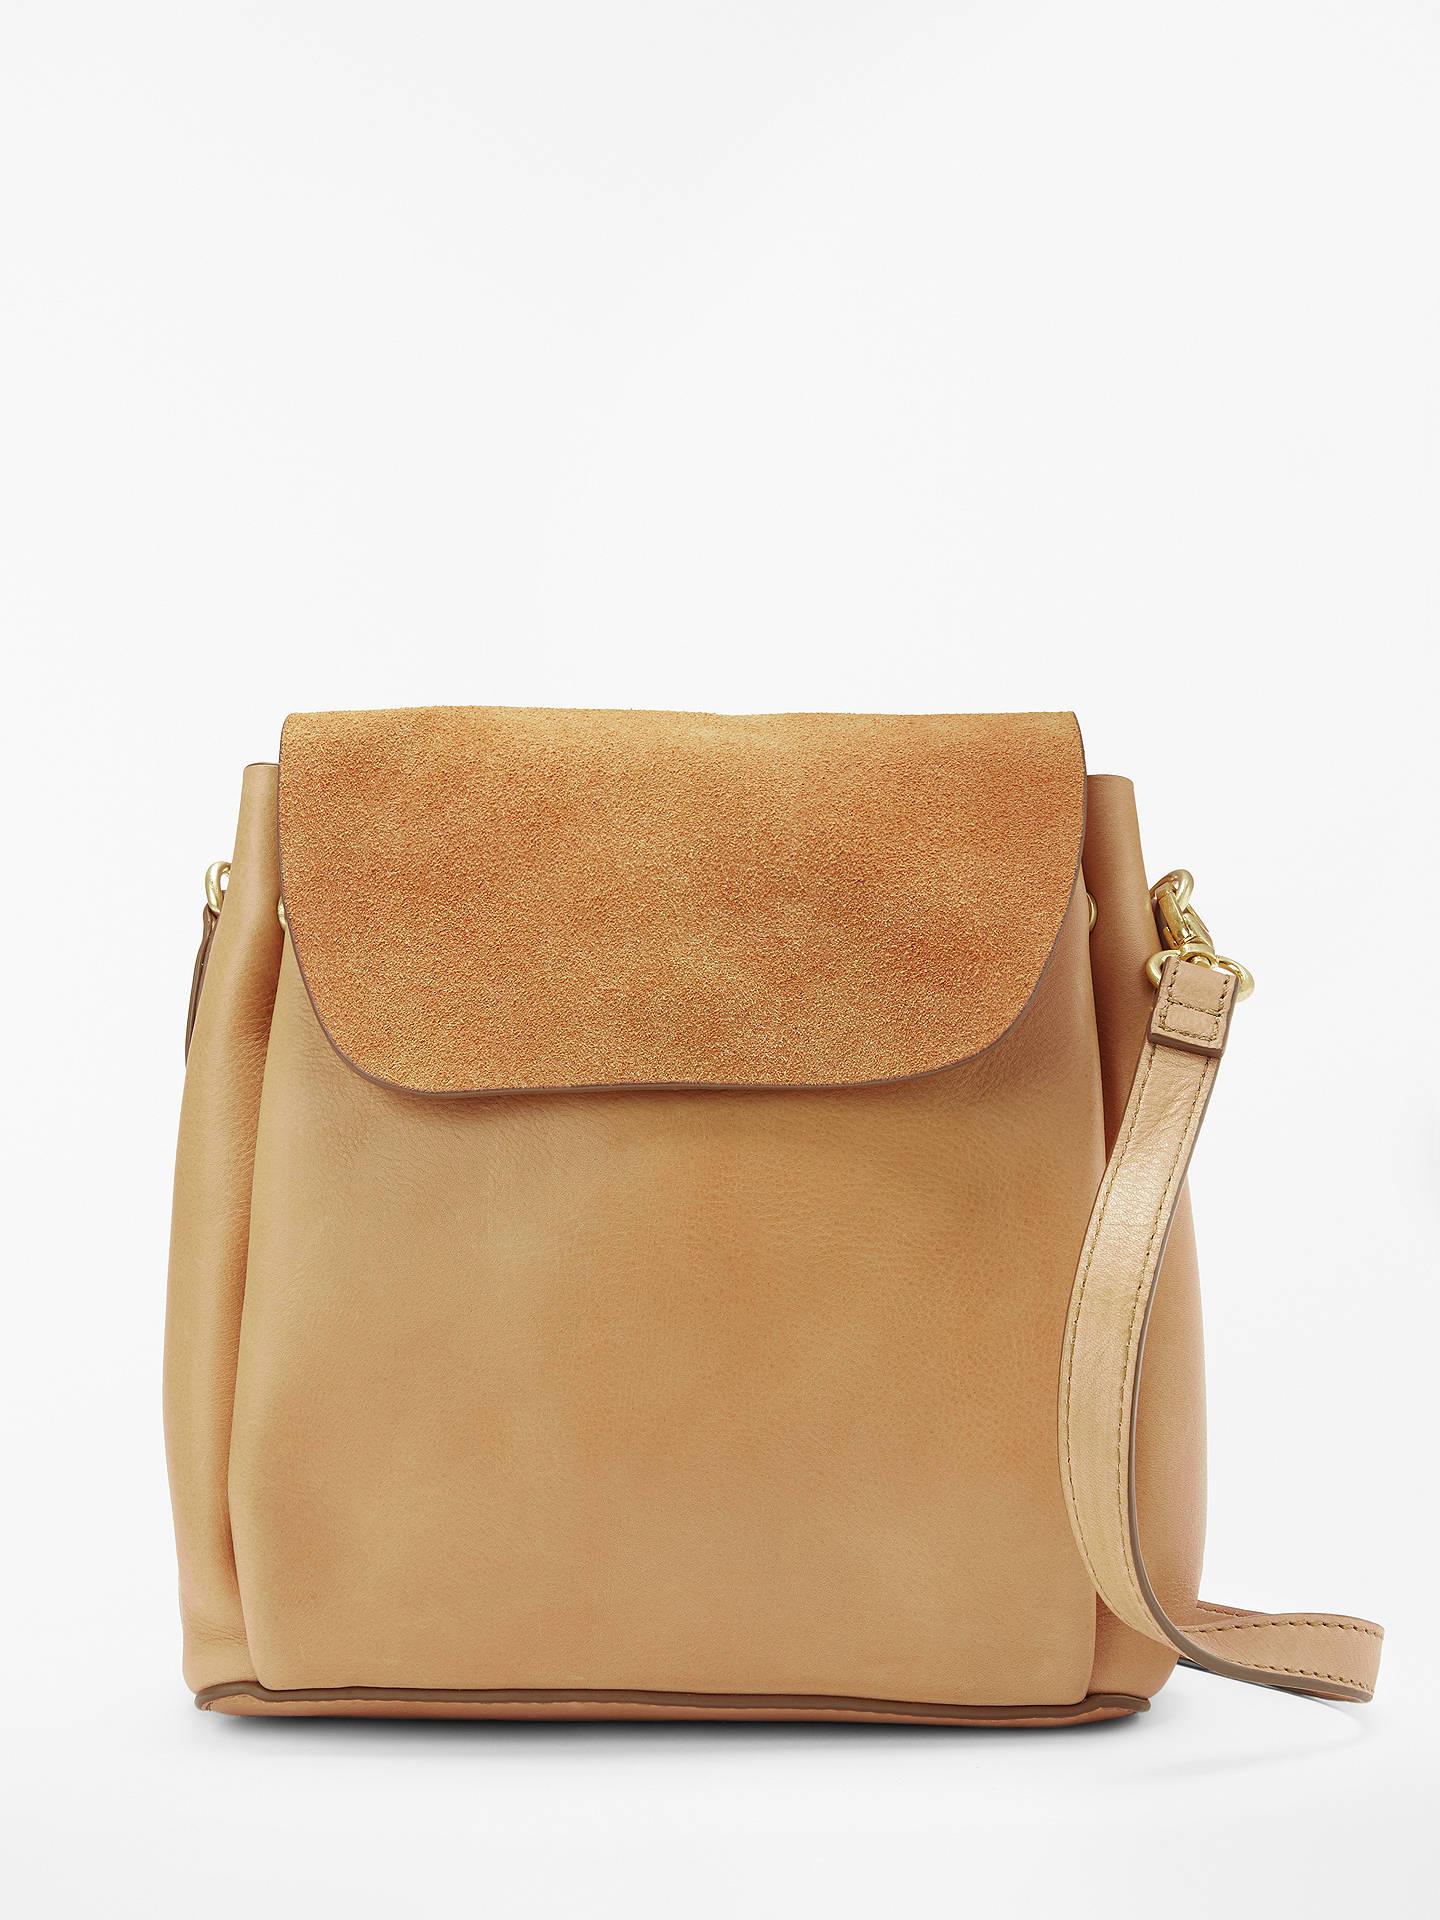 4bfc46bdd32 AND/OR Isabella Leather Mini Backpack Shoulder Bag, Brown